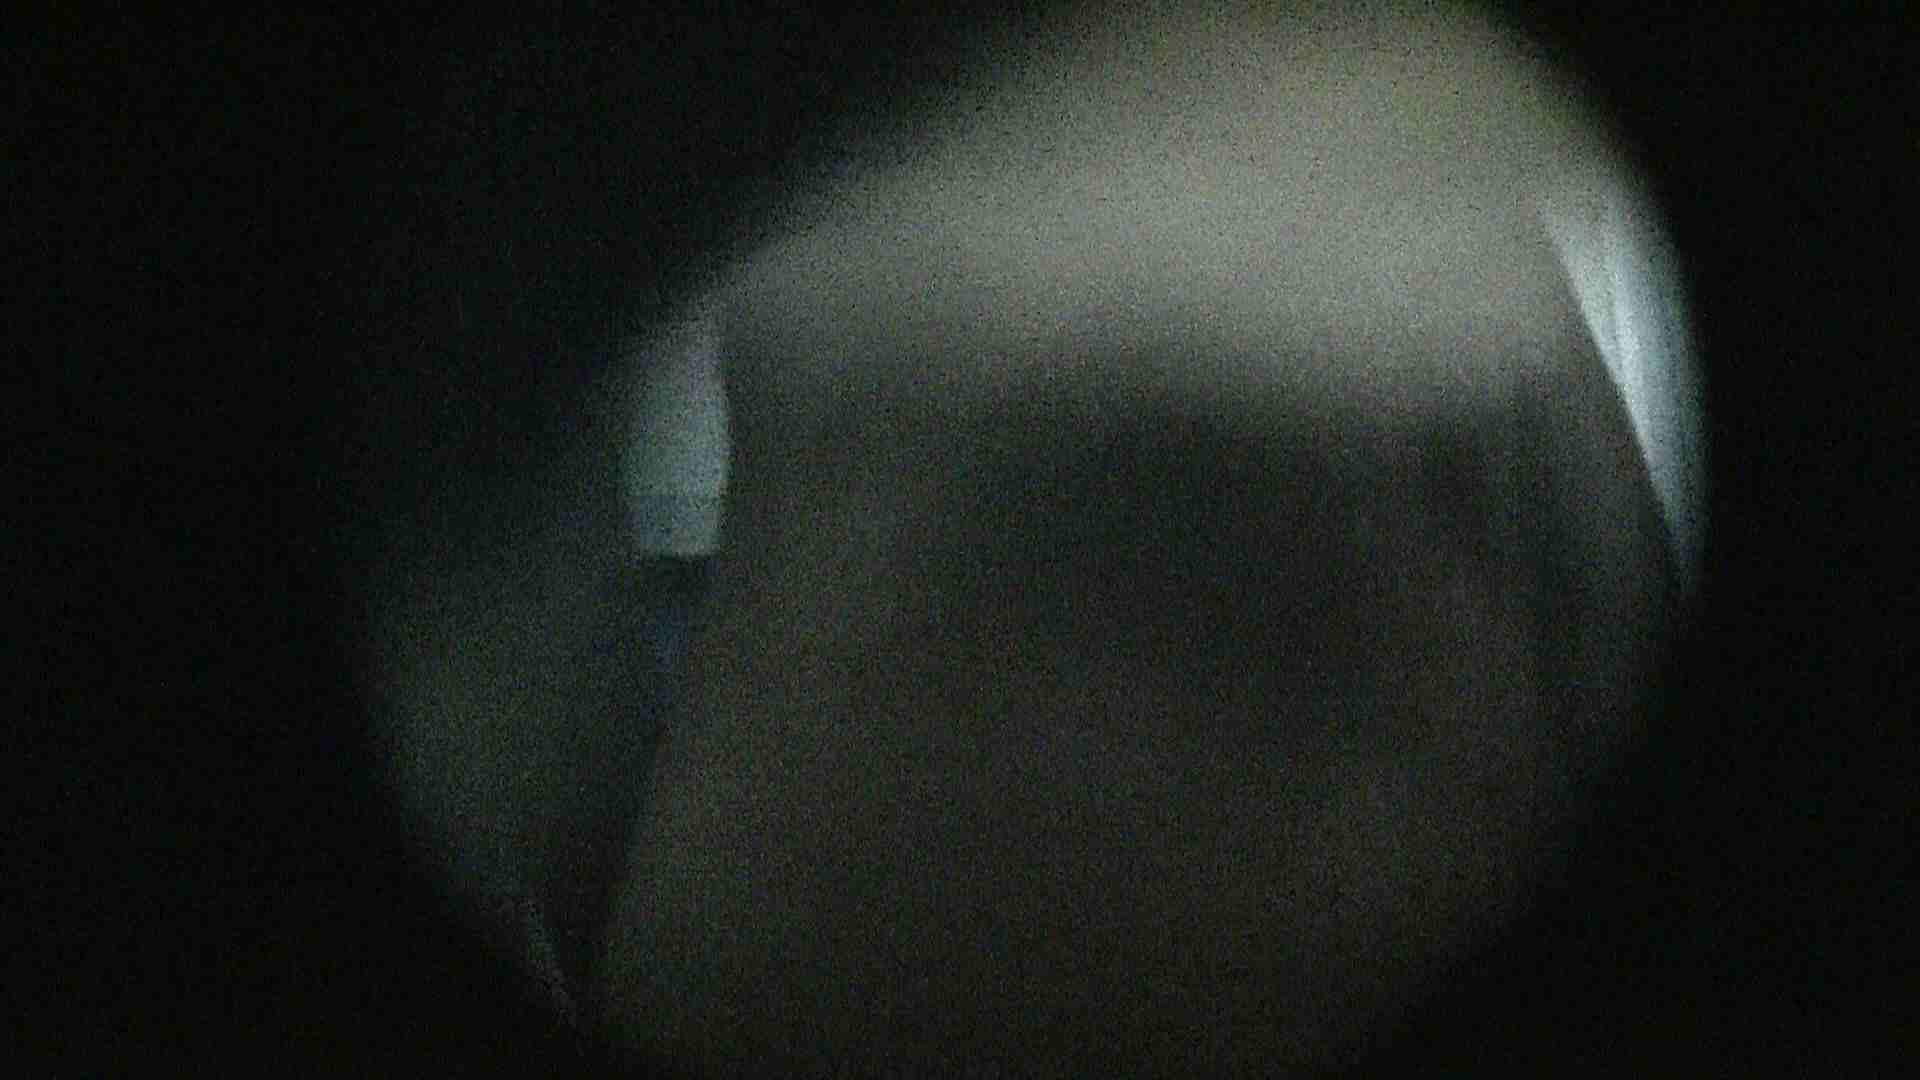 NO.13 暗いですが豪快な砂落としが好印象 シャワー室  89pic 77